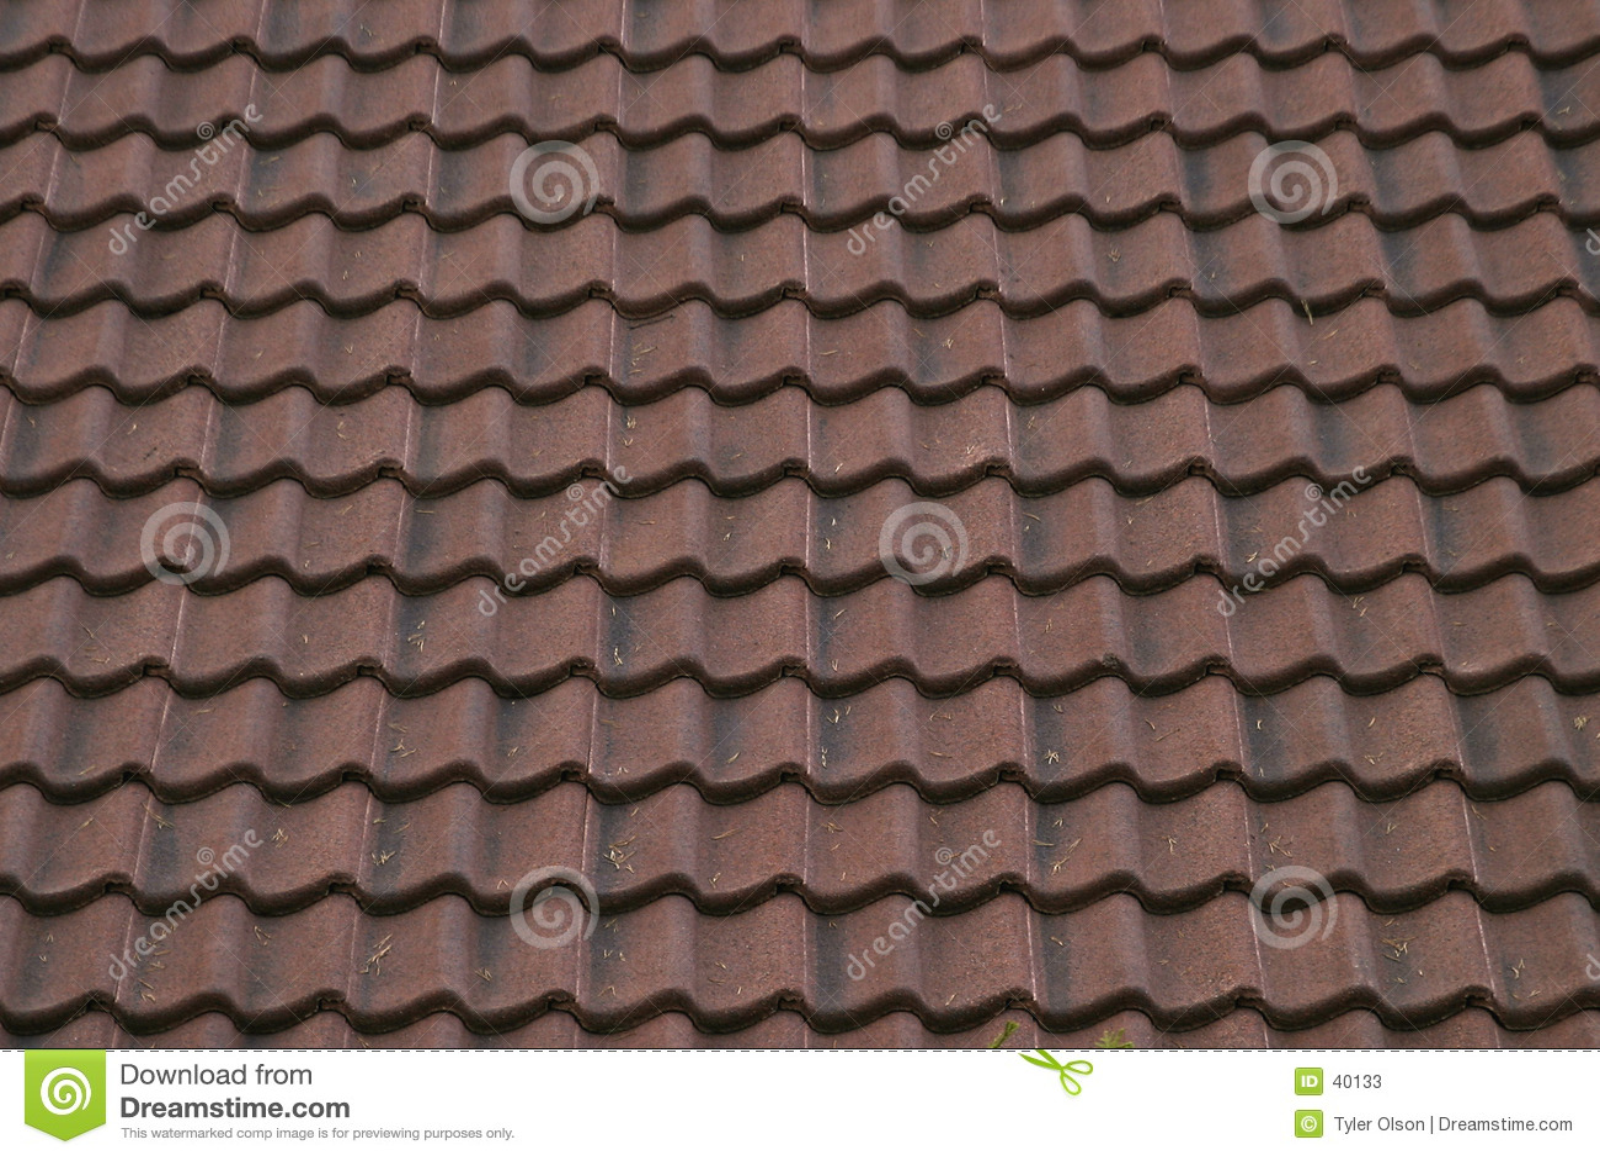 Ceramic Roof Texture